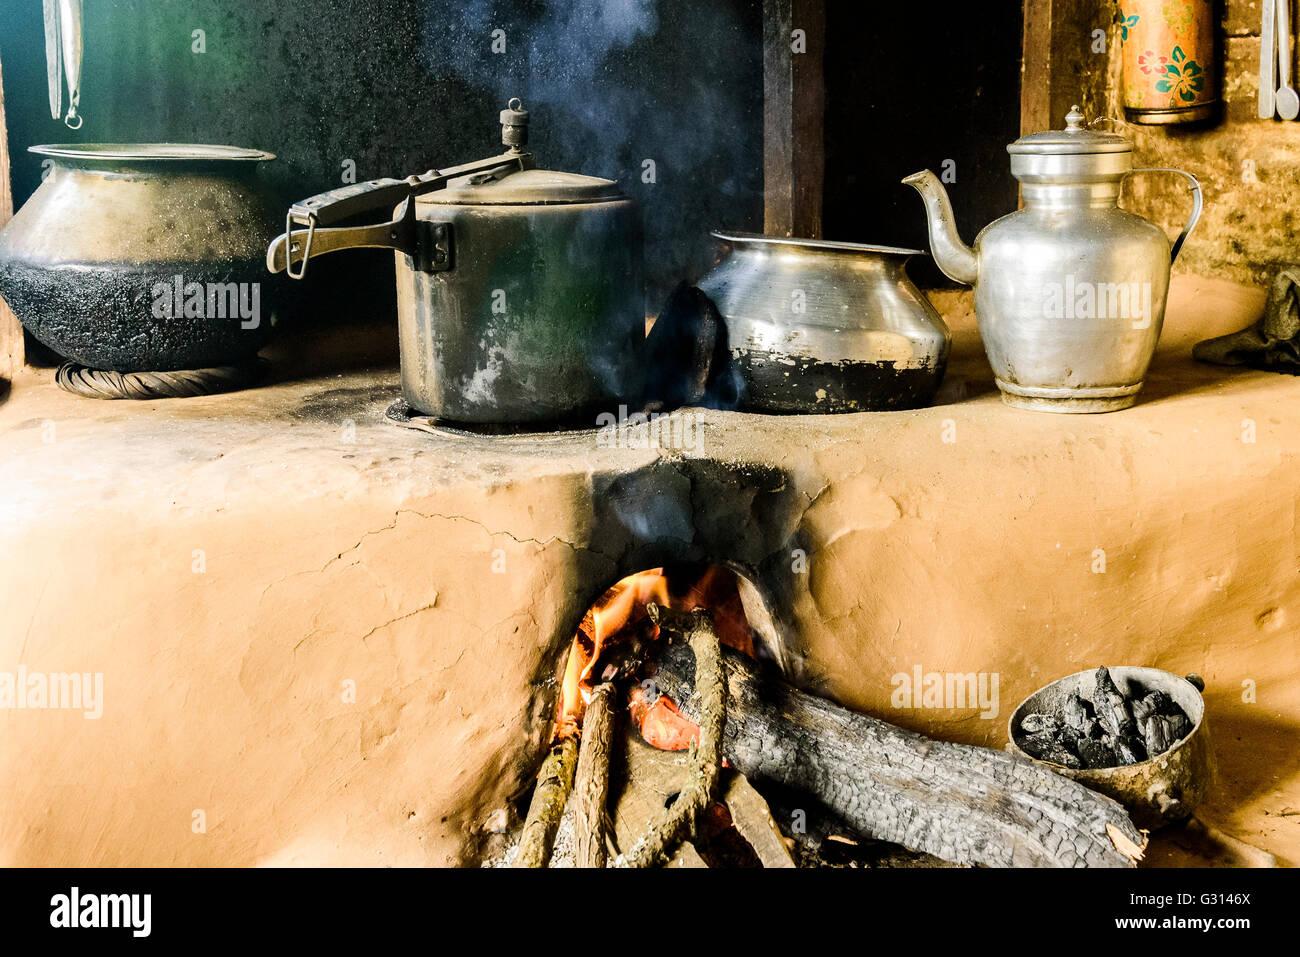 Typisch nepalesischen Dorf Küche Stockfoto, Bild: 105131458 - Alamy